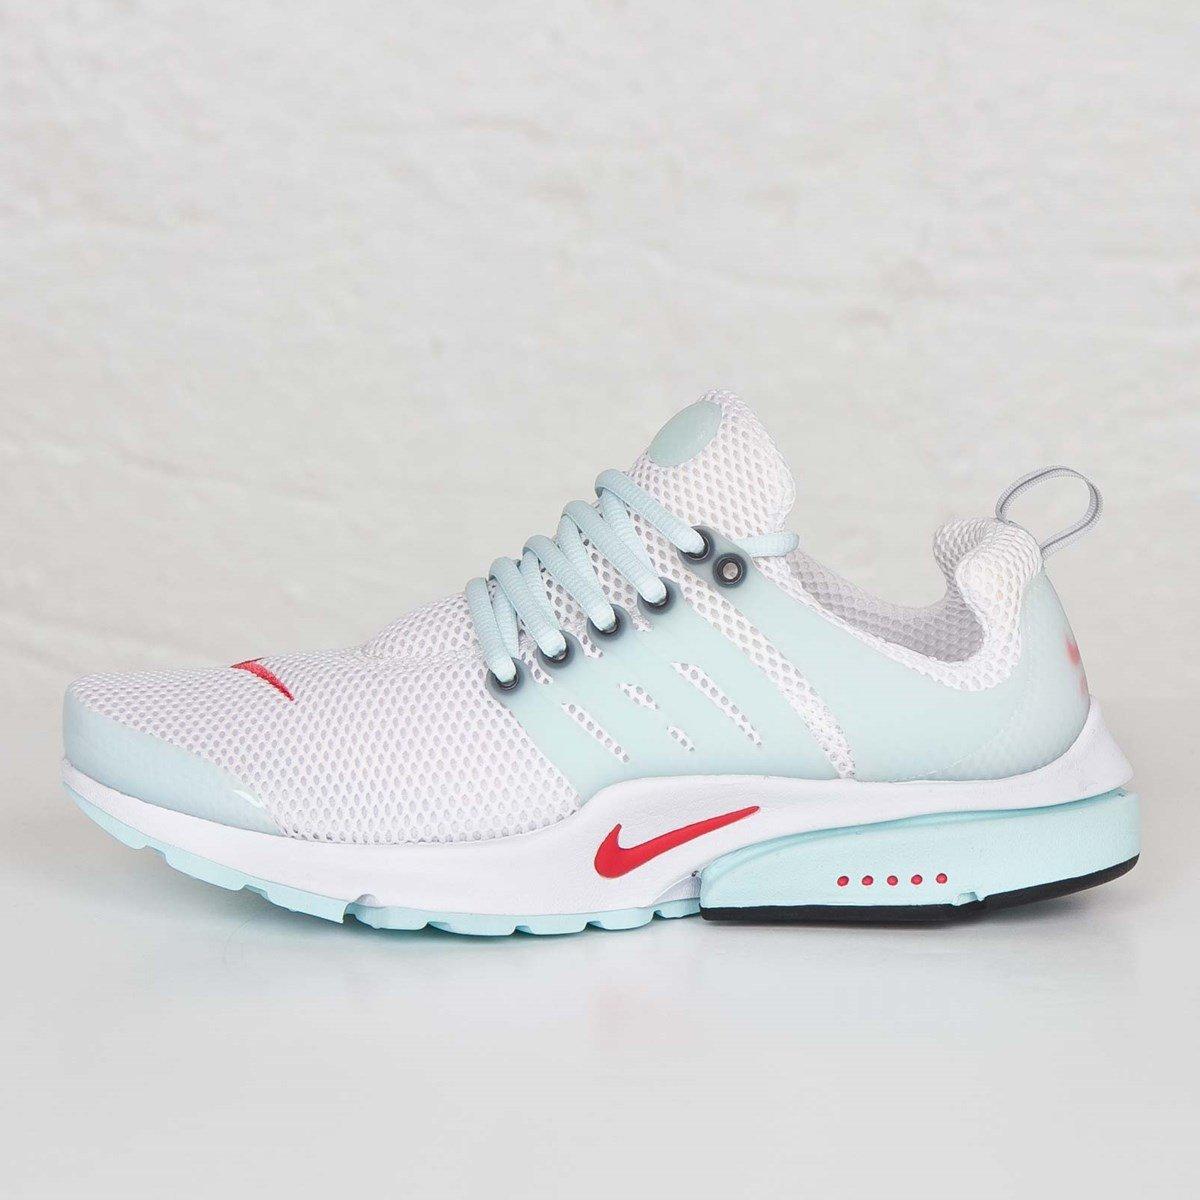 5fa0b3f054e1 Nike Air Presto QS - 789870-181 - Sneakersnstuff